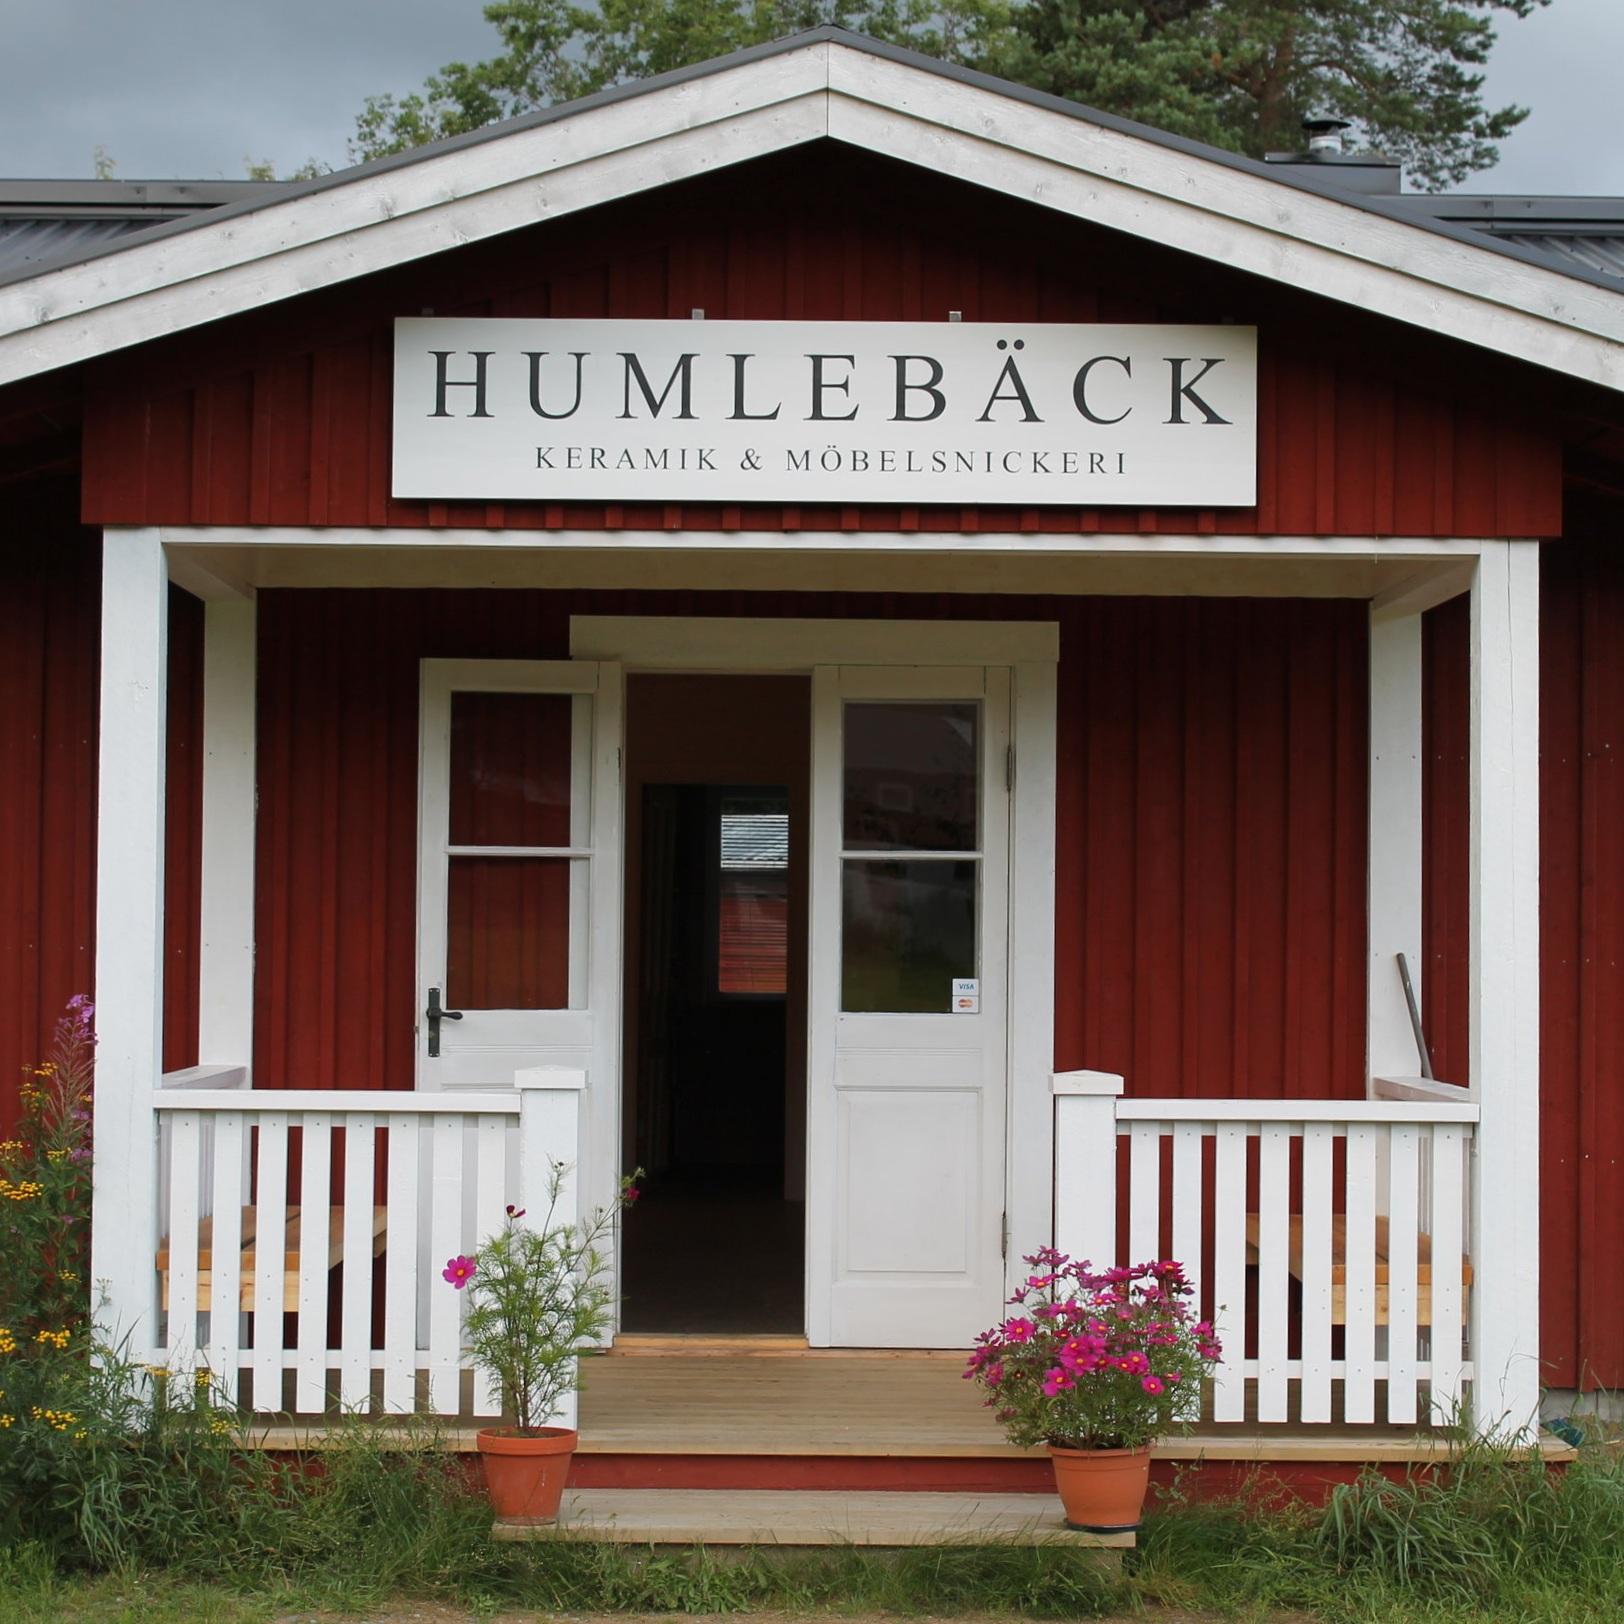 SEVÄRDHET - HUMLEBÄCK, KERAMIK & MÖBELSNICKERIEtt fantastiskt litet besöksmål! Humlebäck Keramik & Möbelsnickeri ligger i Långed strax norr om Nordmaling. Butik och café, två verkstäder med bruksföremål i keramik och trä.Tips inskickat av: Visit Umeå